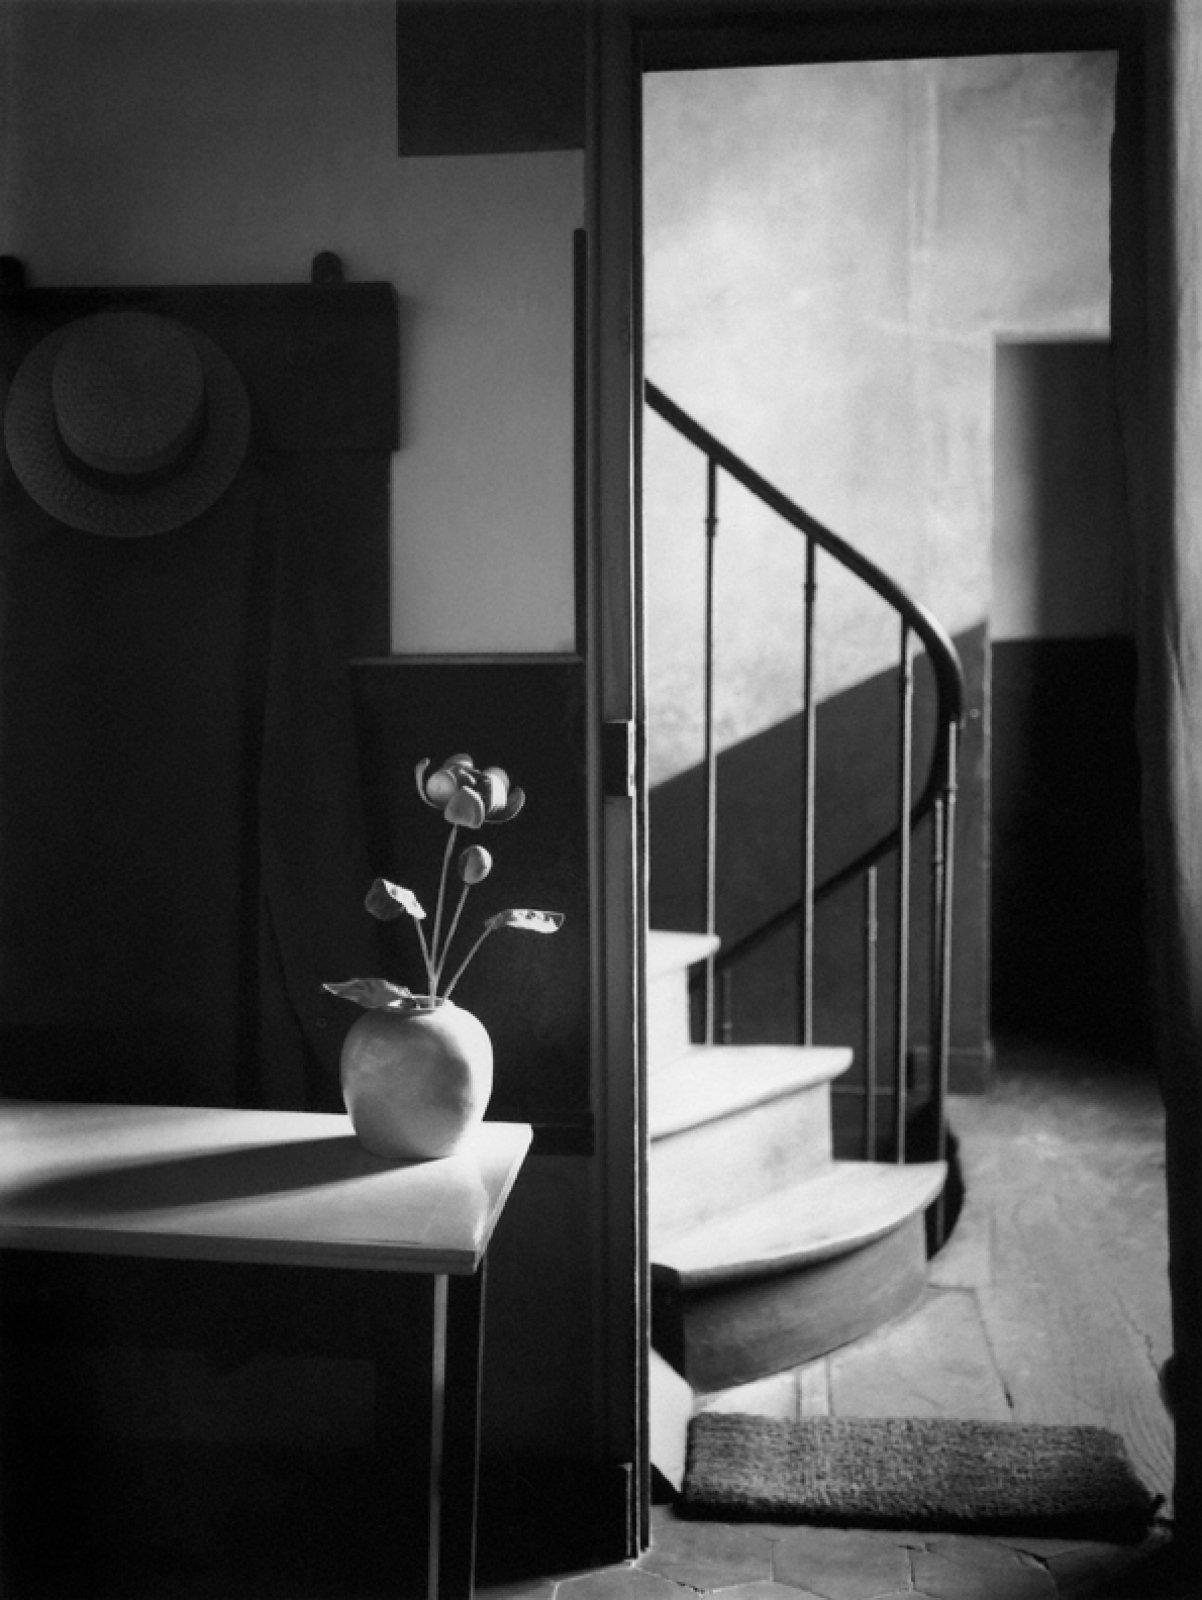 Mondrian's studio, Paris, 1926 © Ministère de la Culture et de la Communication - Médiathèque de l'architecture et du patrimoine, Dist. RMN-Grand Palais / Donation André Kertész